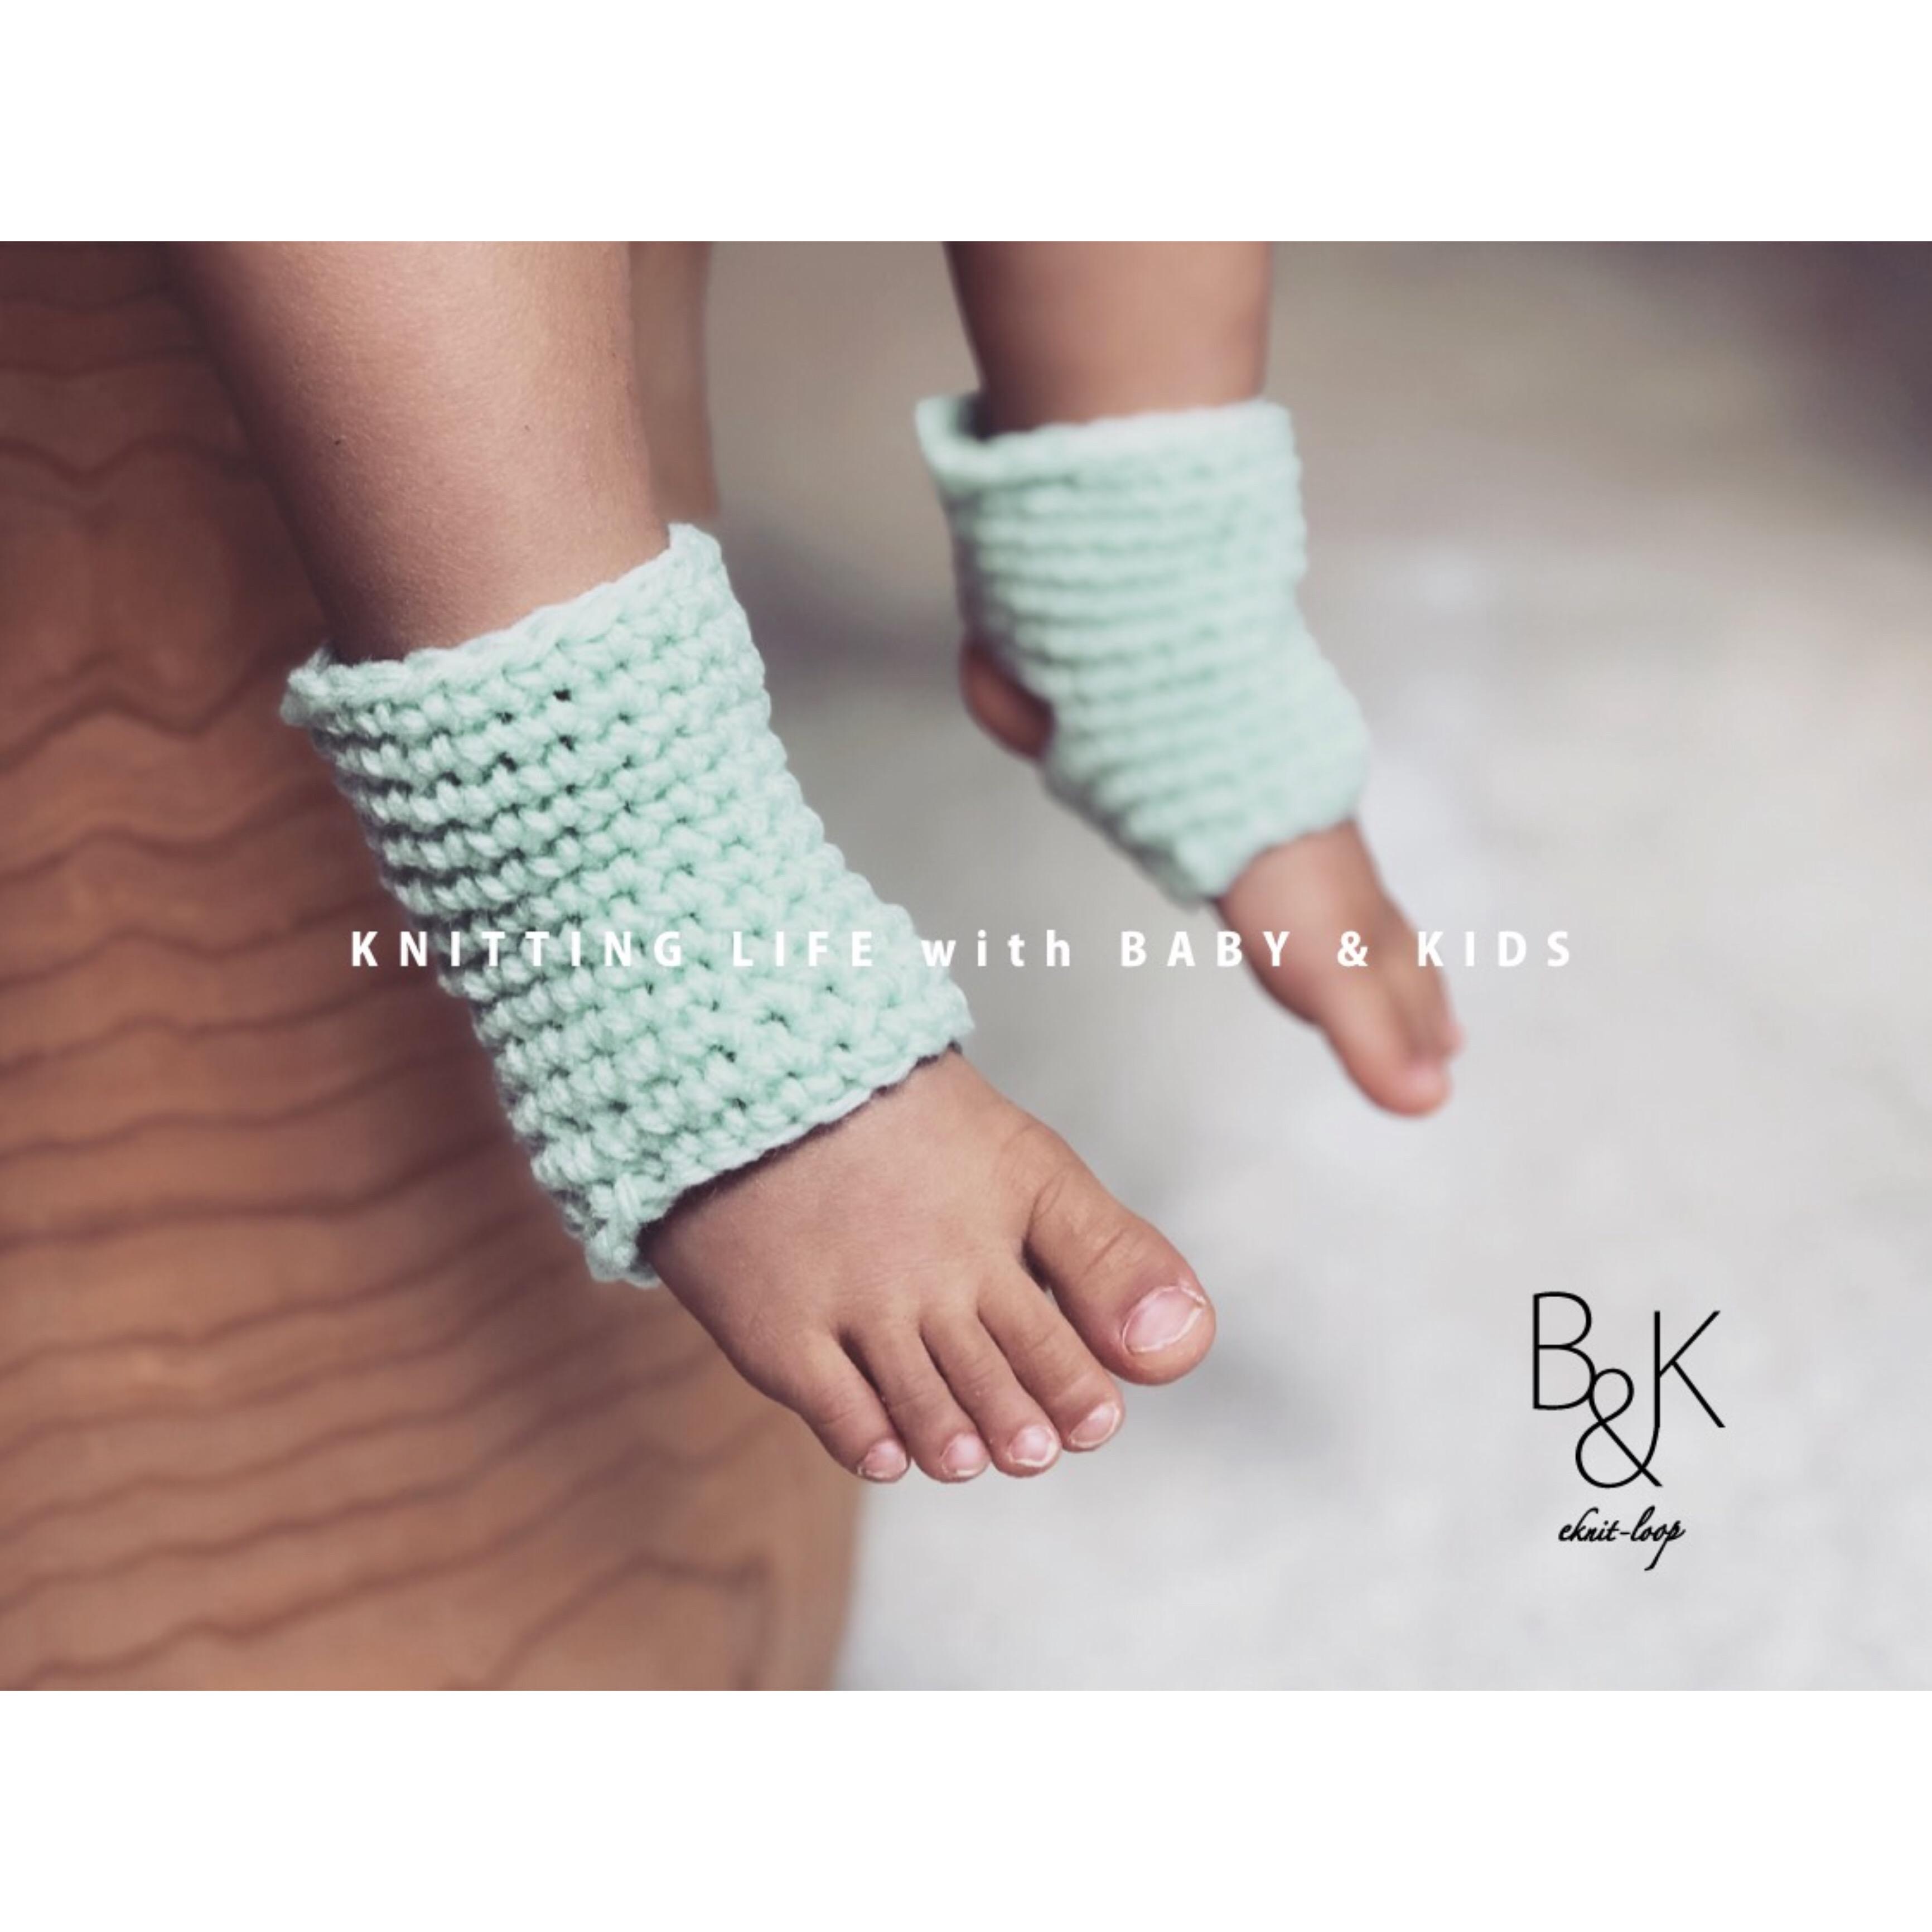 B&K   eknit-loop